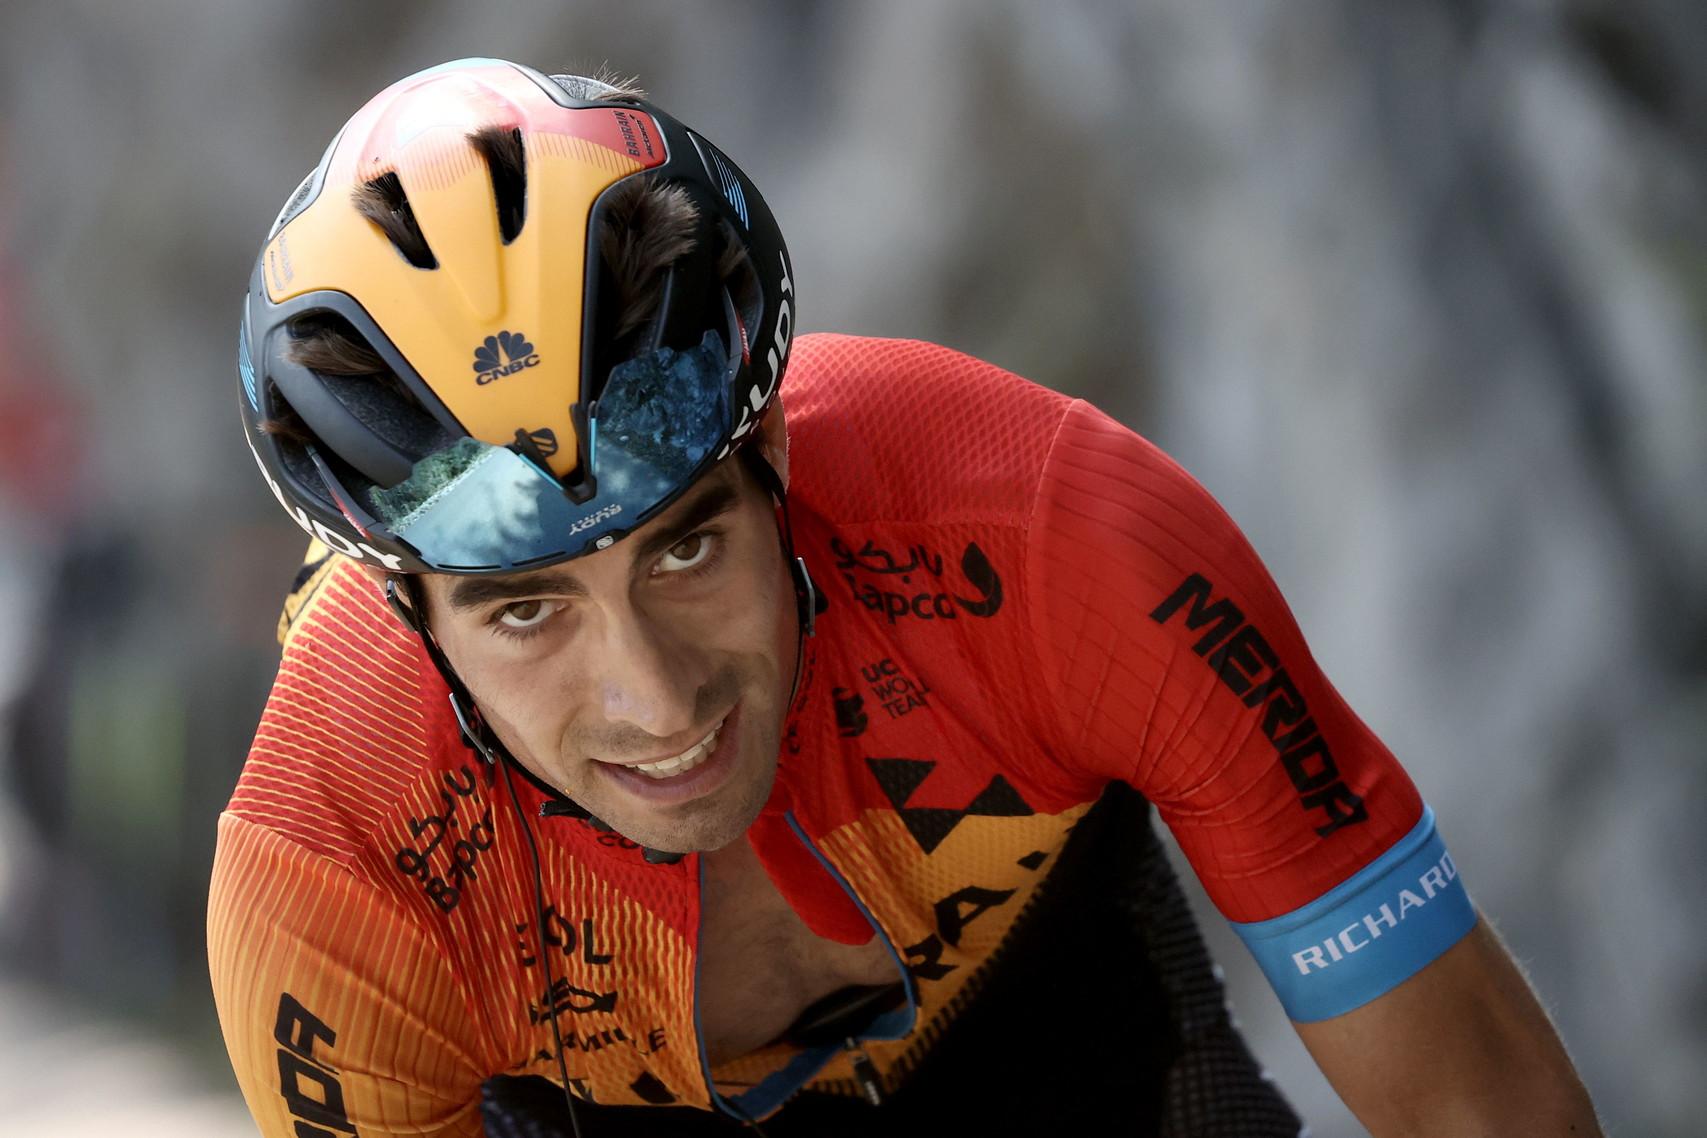 La Bahrain Victorious (BRN) si presenta con due capitani: Mikel Landa (tre successi di tappa al Giro e un podio finale) e Pello Bilbao (5º l'anno scorso e visto in ottima forma al Tour of the Alps).